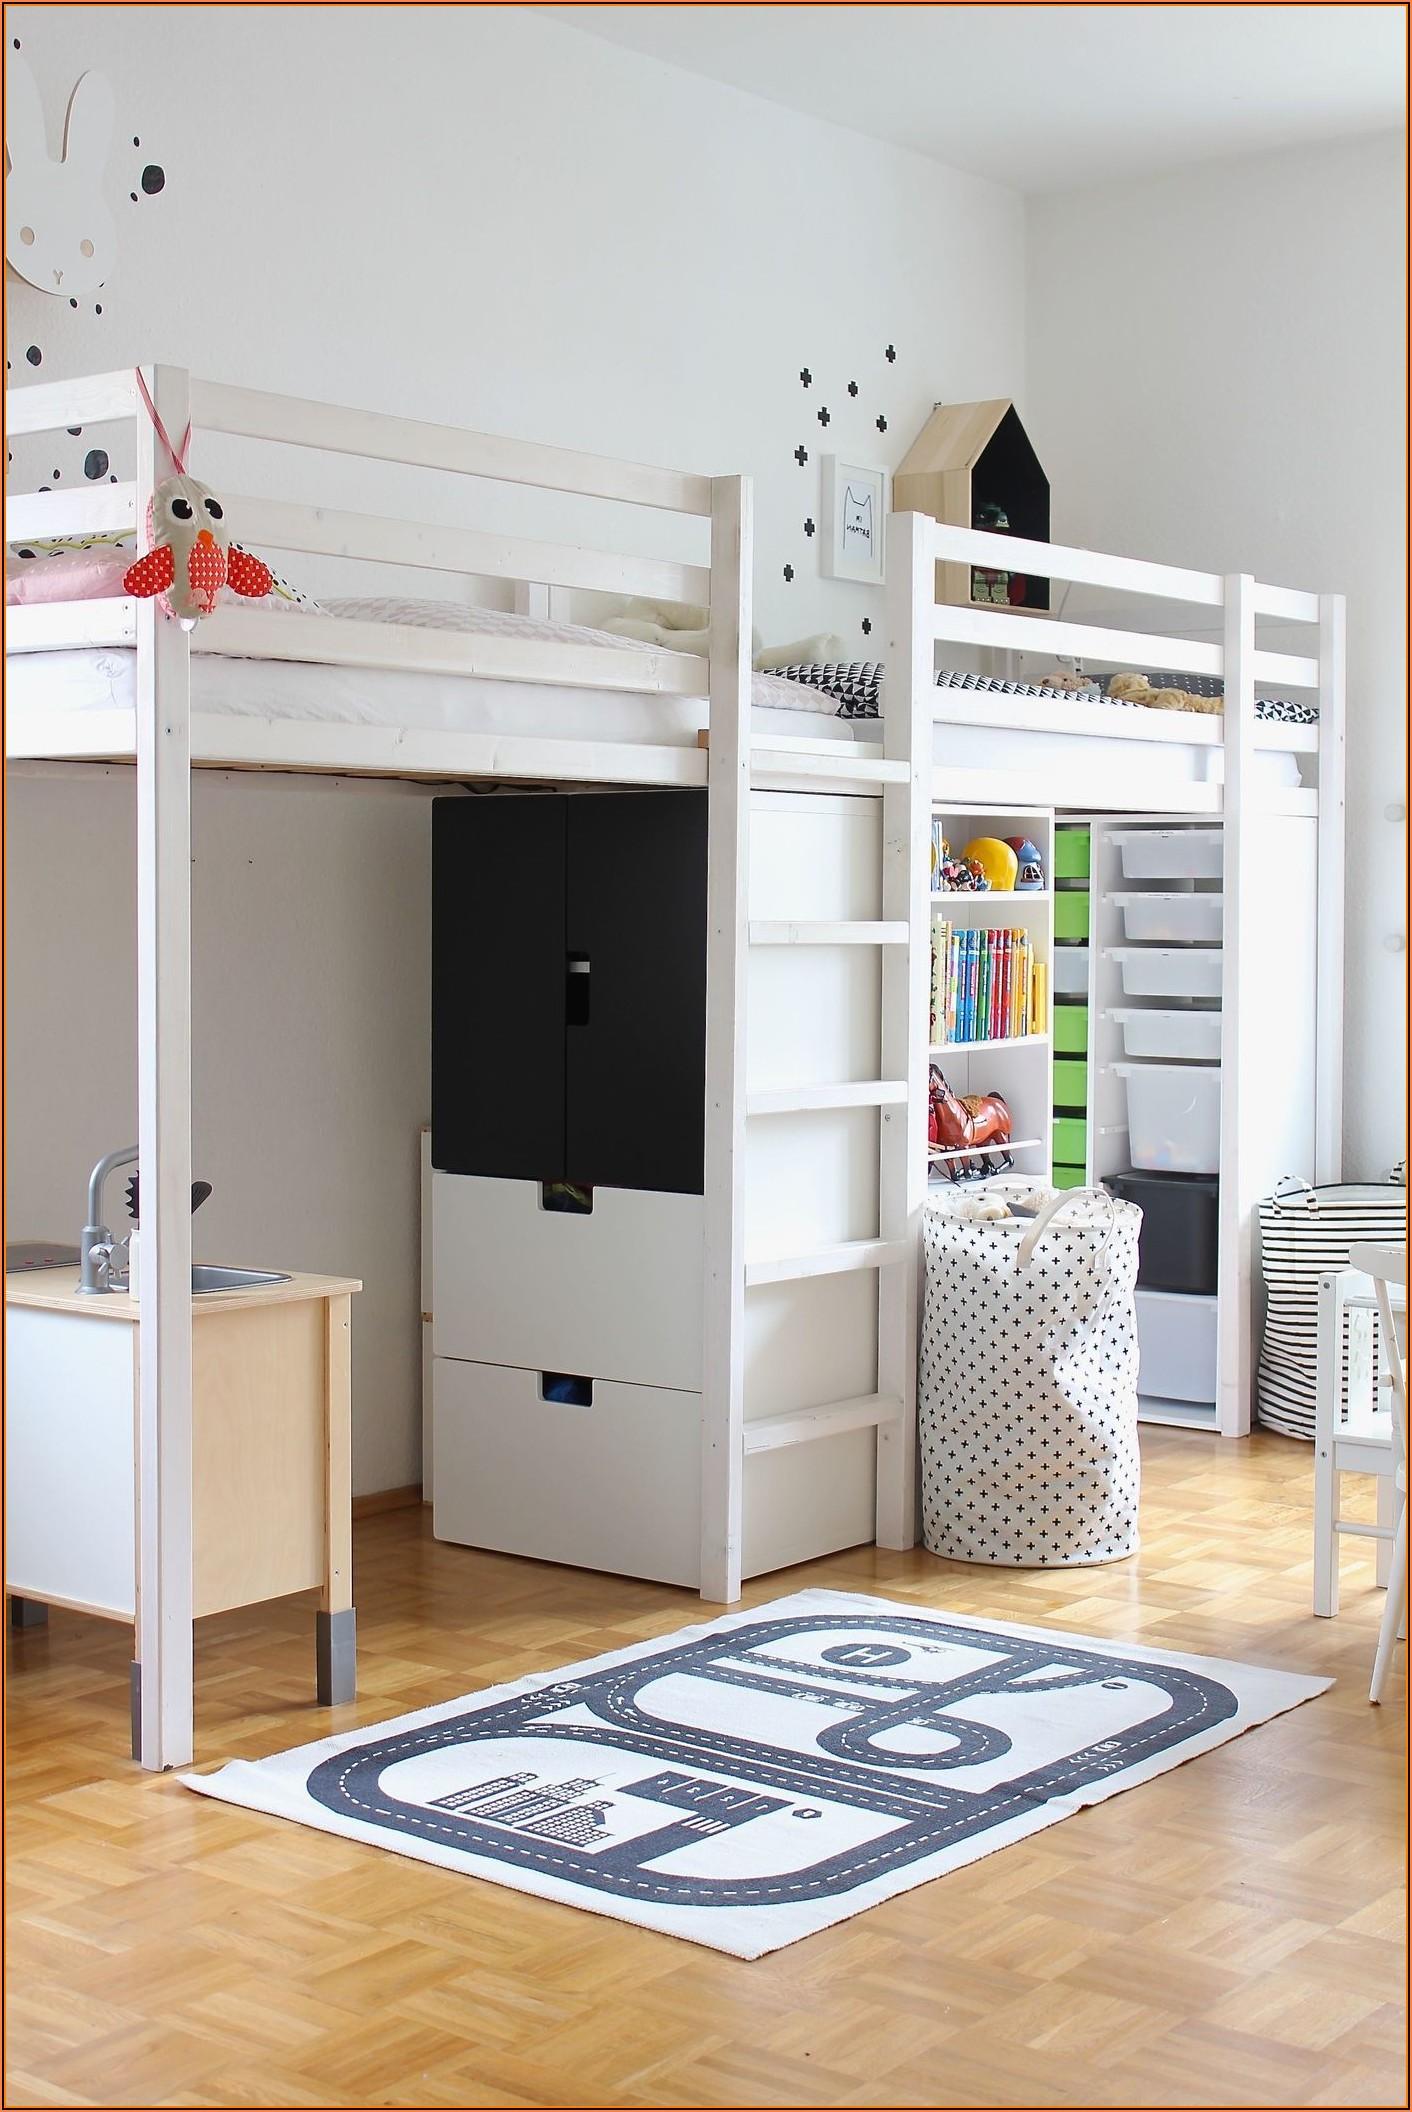 Kinderzimmer Für 2 Kinder Ikea